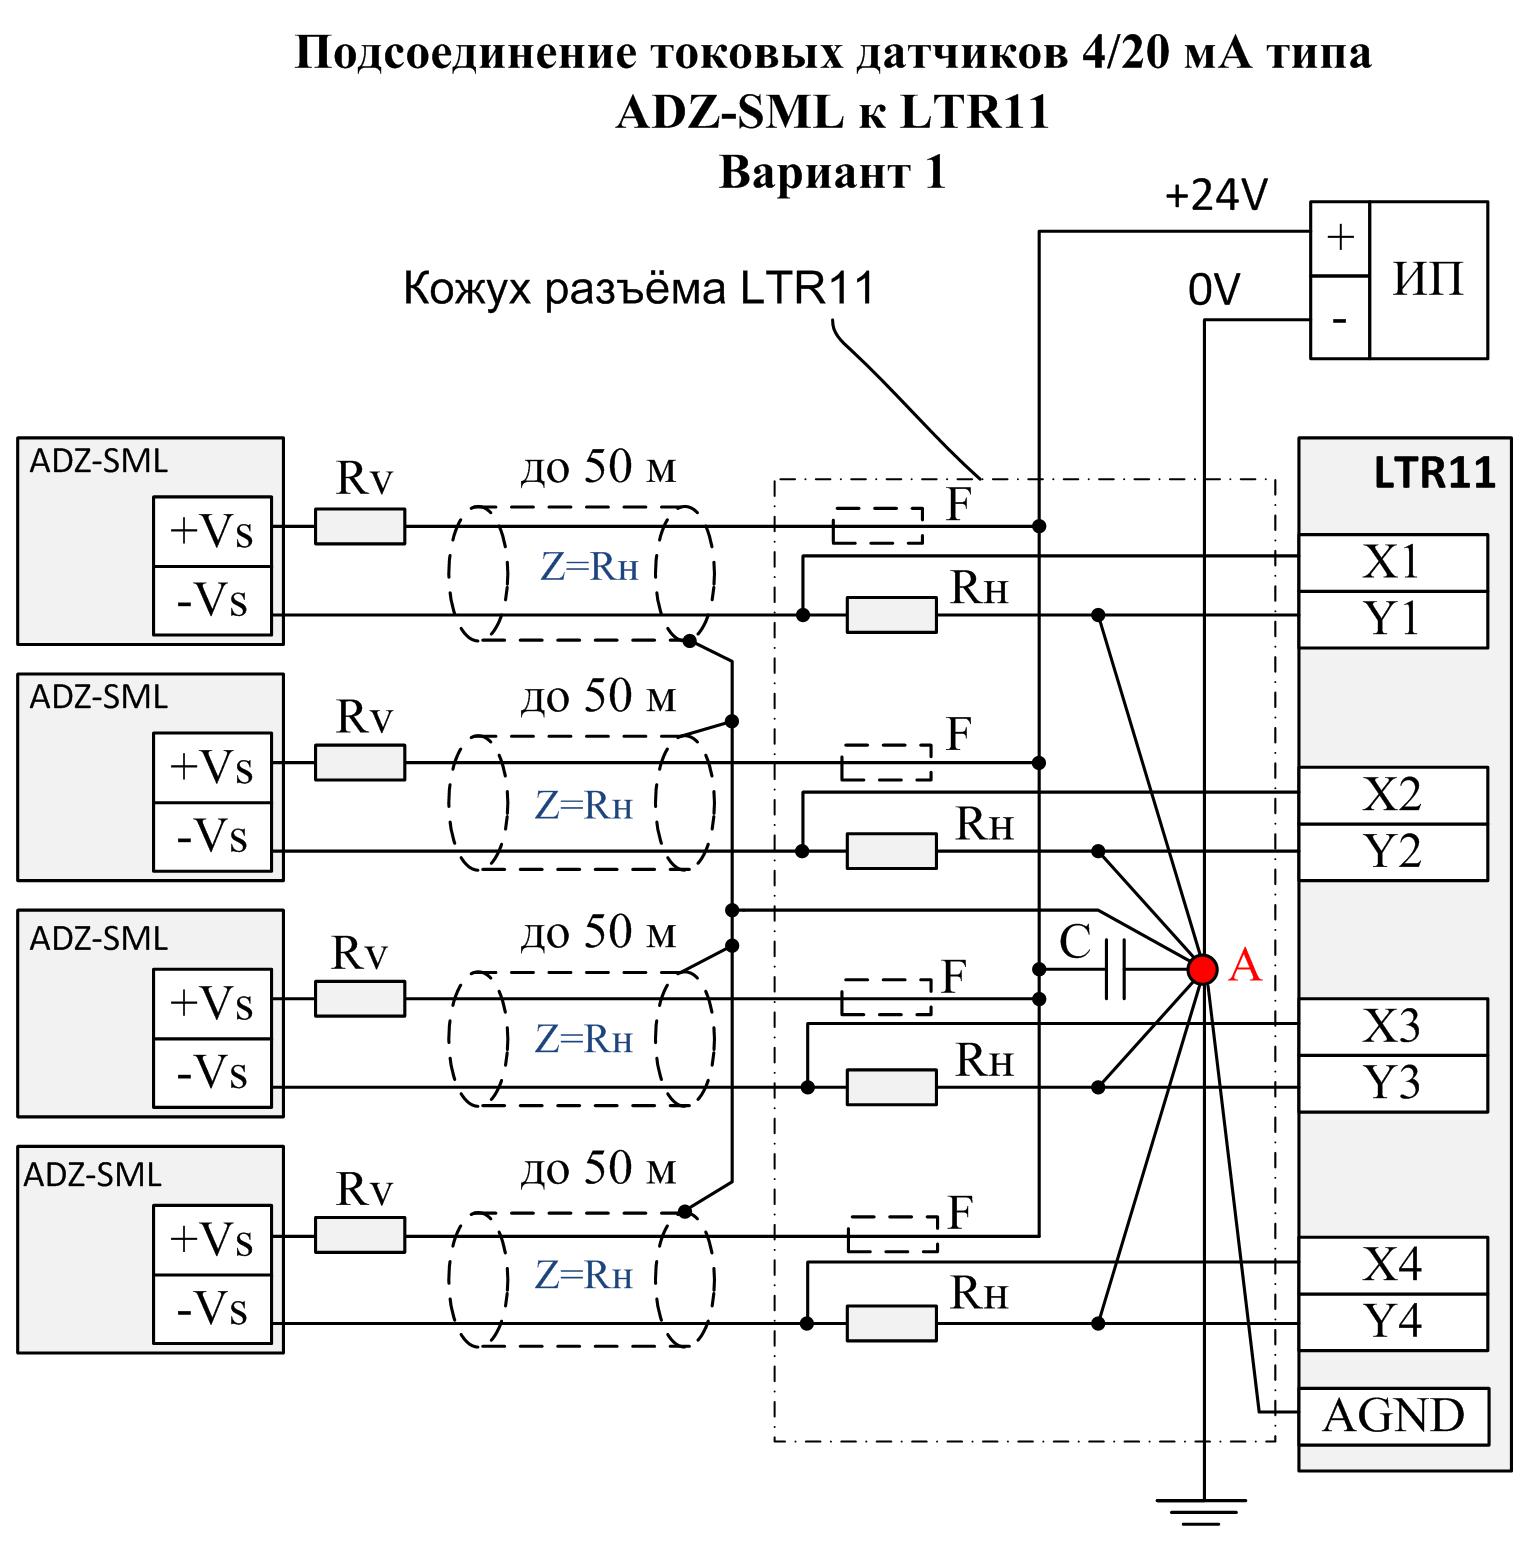 Подсоединение токовых датчиков ADZ-SML к LTR11